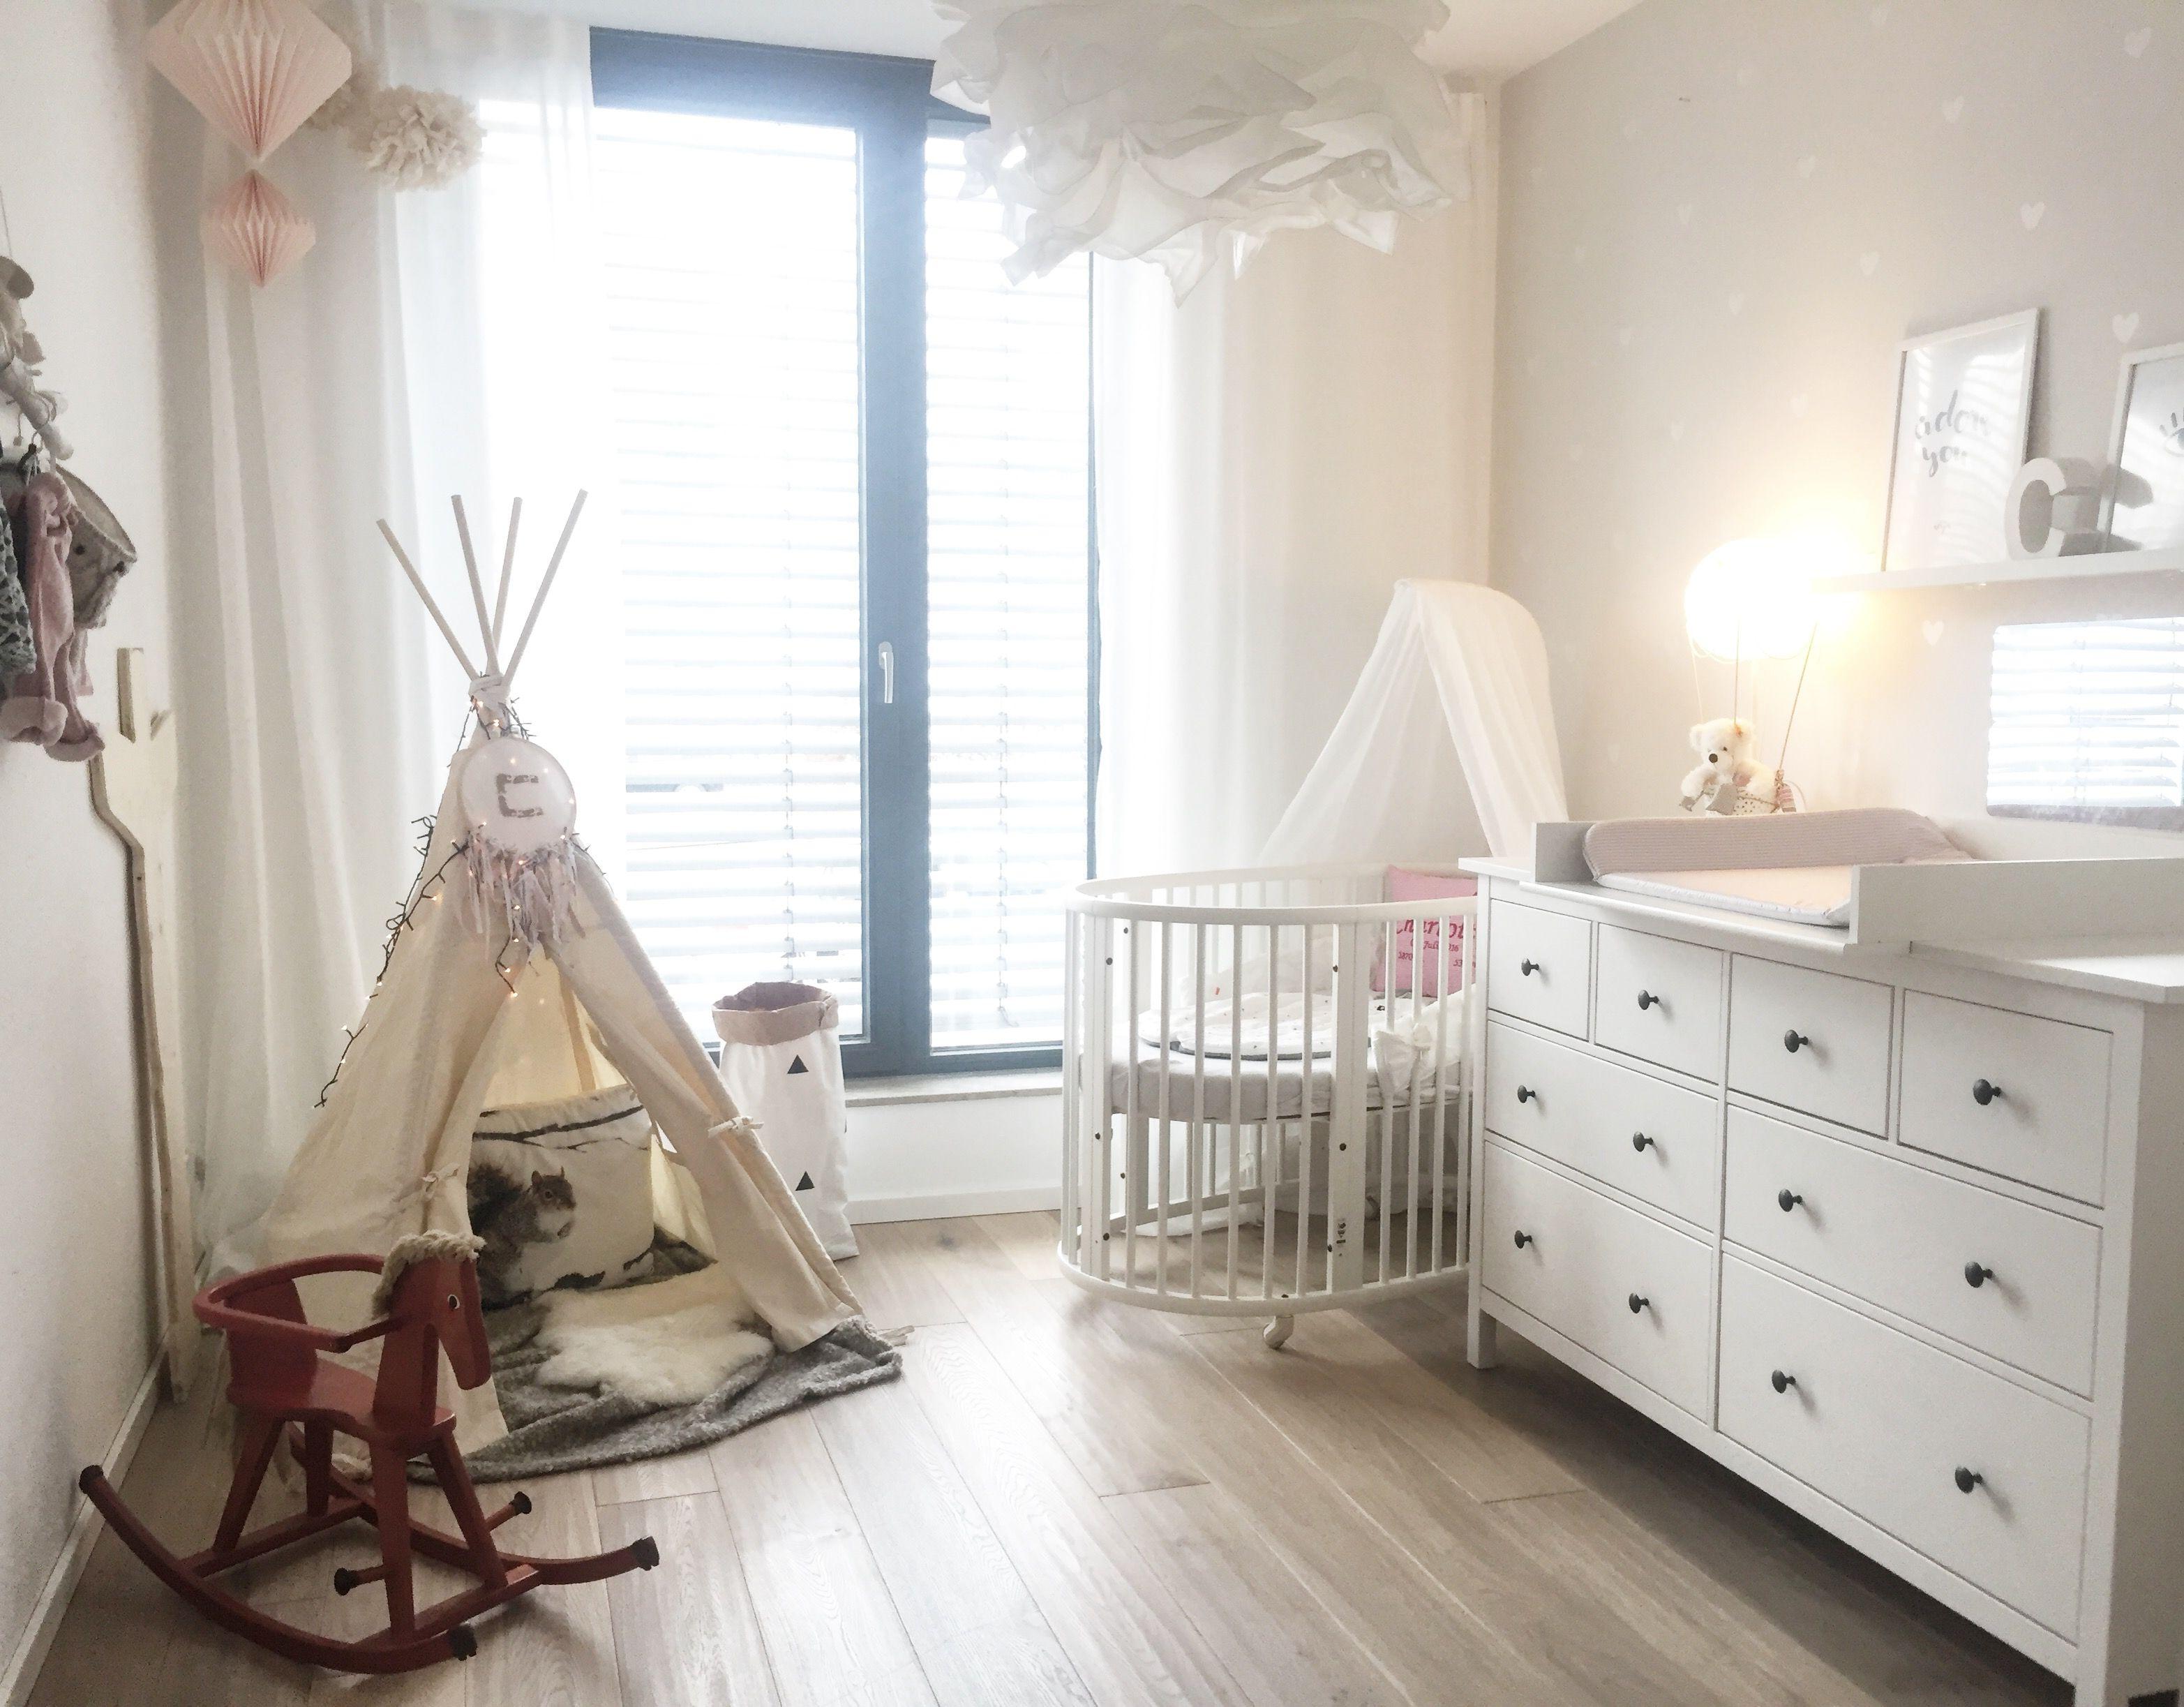 Kinderzimmer babyzimmer tipi indianer ikea hemnes for Kinderzimmer einrichtung shop